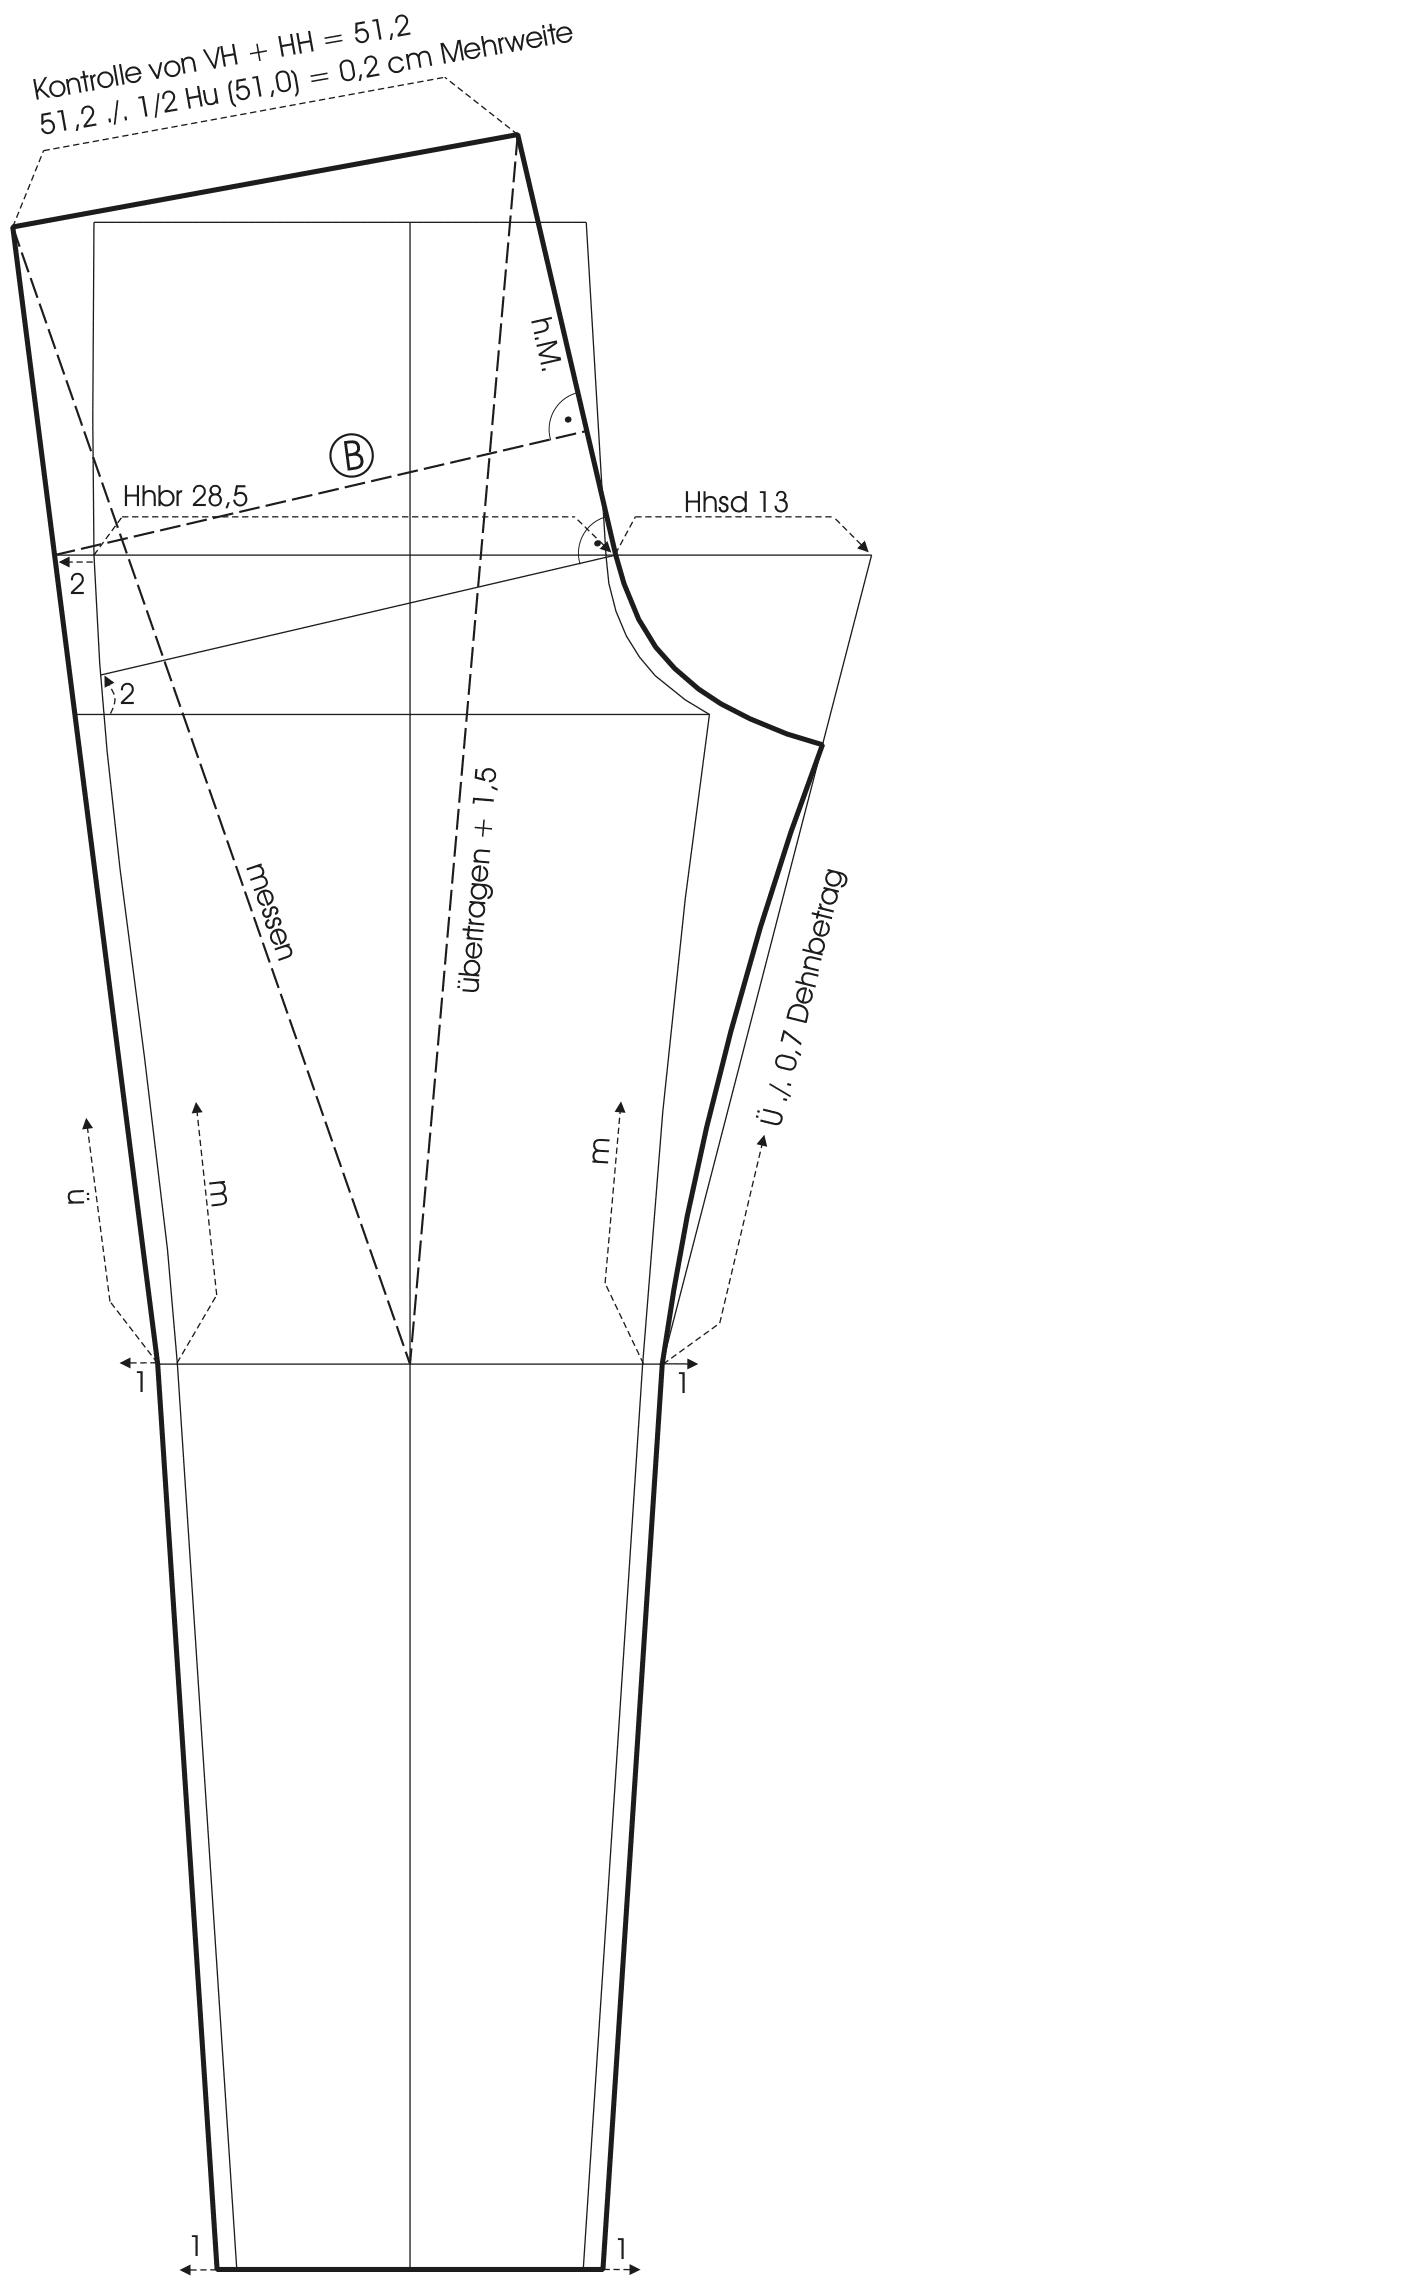 Zu sehen ist die Schnitt-Technik von dem Grundschnitt einer Hose.